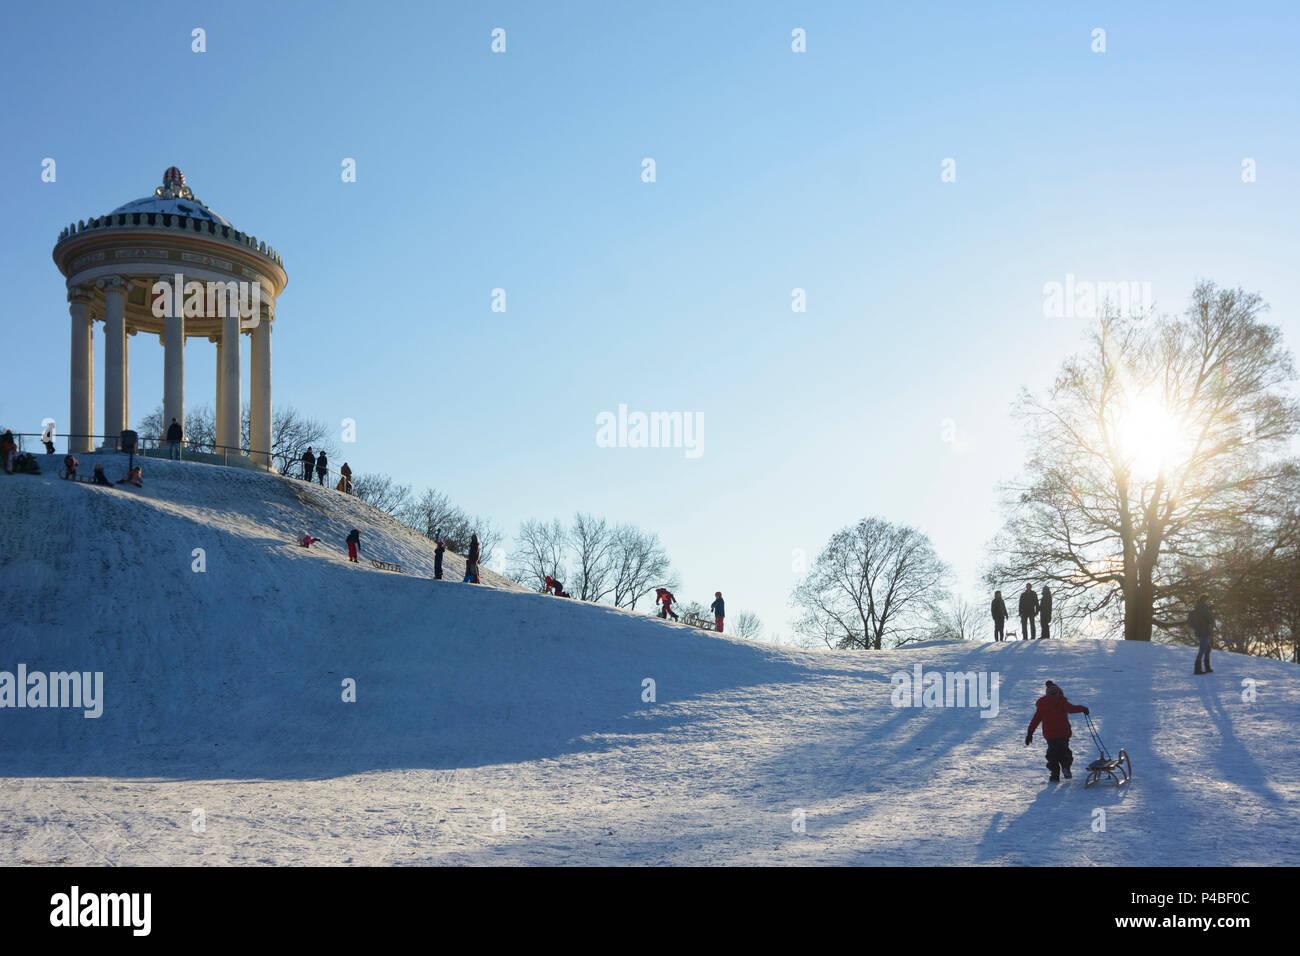 München, Munich, children, kids, sledding, sleigh, sled, sledge, Monopteros in the Englischer Garten (English Garden), Upper Bavaria, Bavaria, Germany - Stock Image